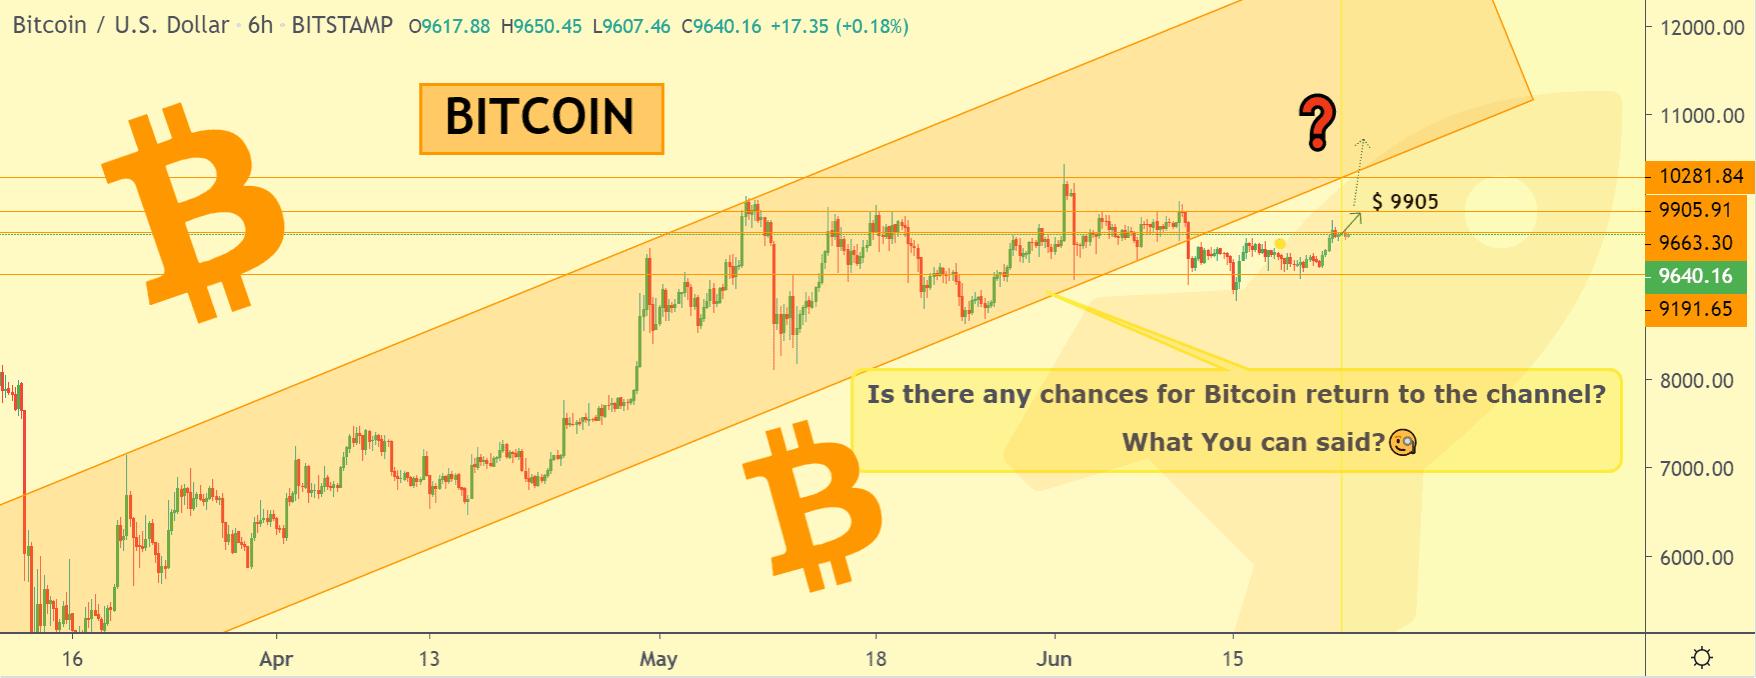 Bitcoin price chart 2 - 23 June